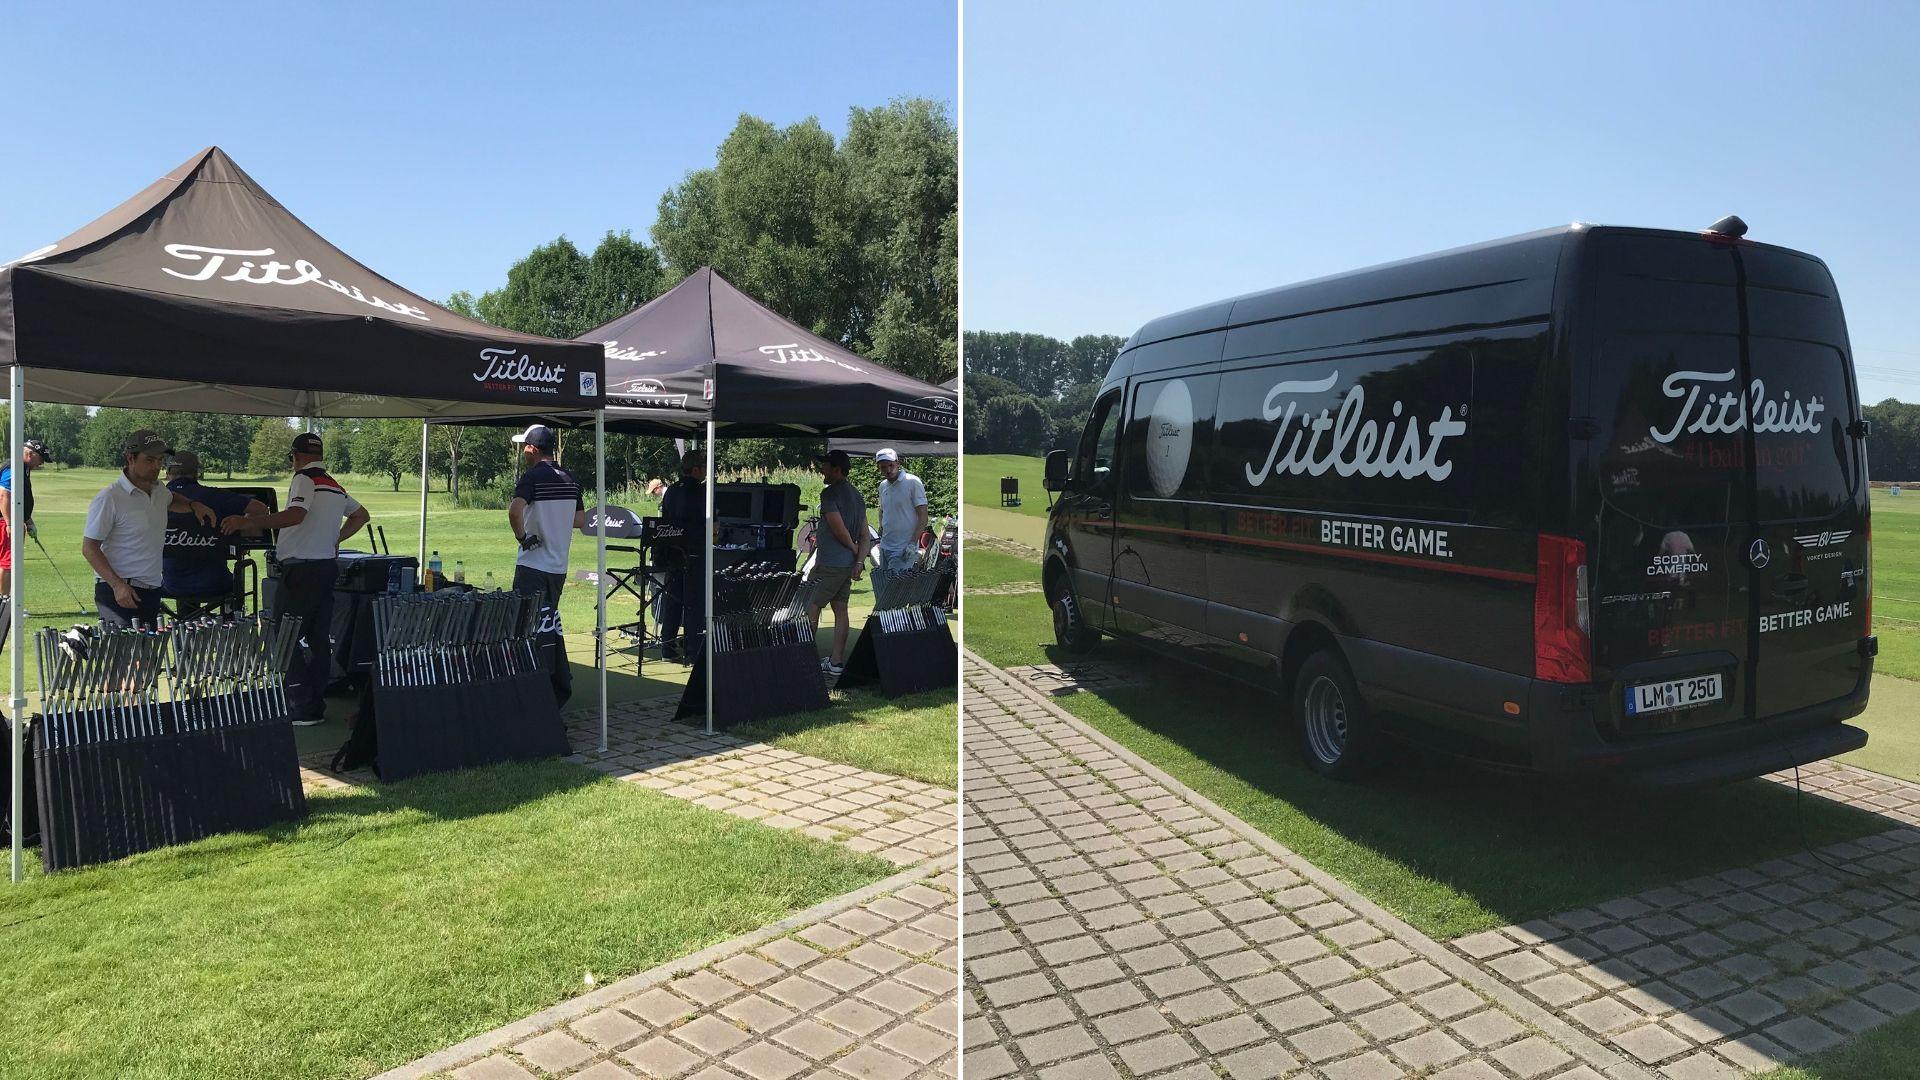 Mit dem neuen Mini-Tour-Truck sind die Fitting-Experten von Titleist deutschlandweit unterwegs und rüsten die Spieler mit den neuen Modellen aus. (Foto: Golf Post)